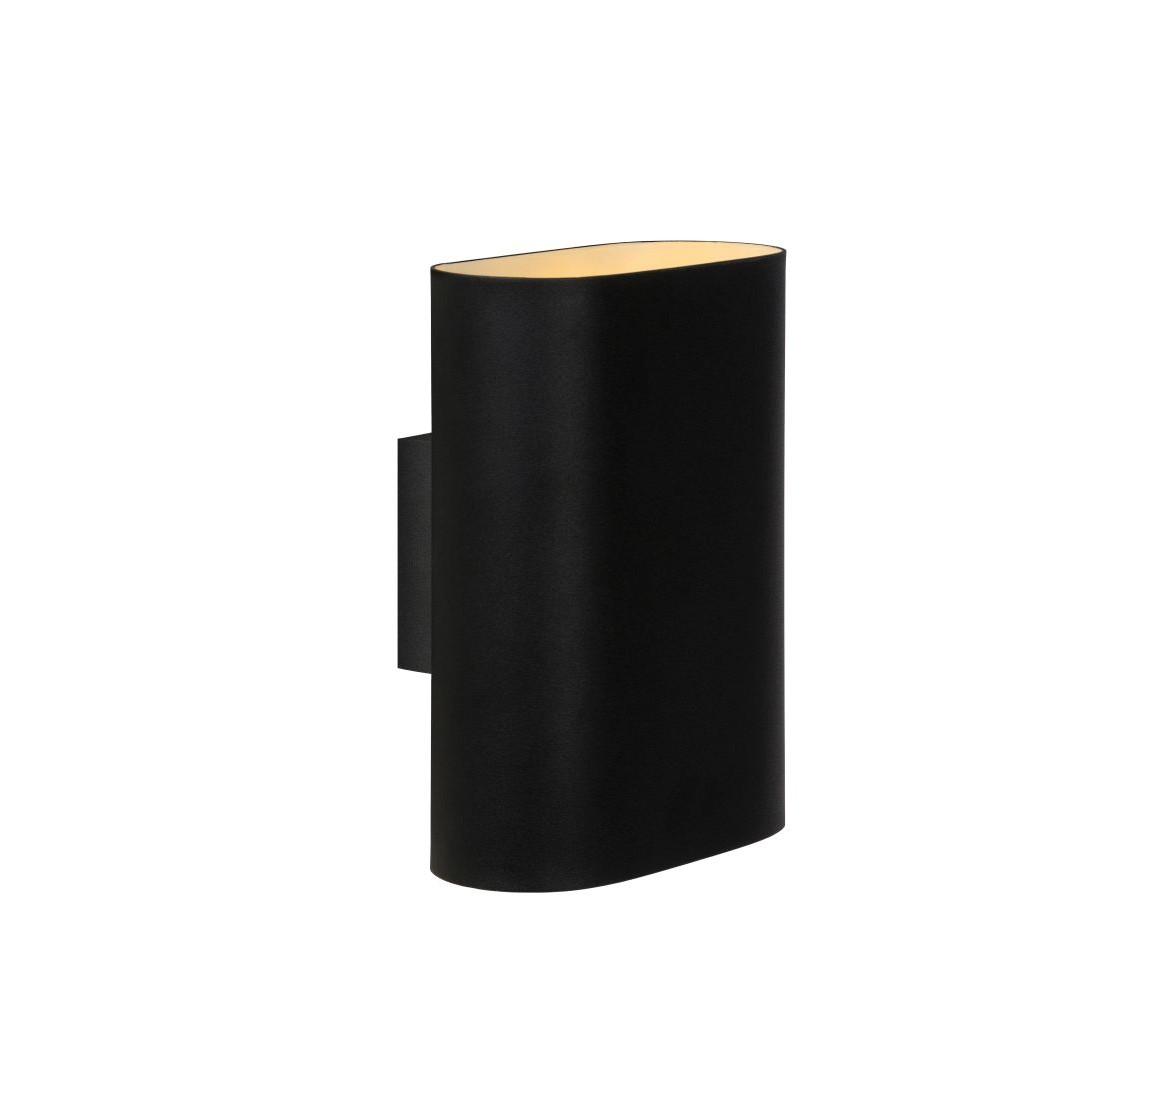 Настенный светильник OVALISБра<br>материл: металл/черный<br>ширина: 9 см<br>высота: 20 см<br>длина: 16 см<br>E14, 40W, 2 лампочки (в комплект не входит)<br><br>Material: Металл<br>Width см: 16<br>Depth см: 9<br>Height см: 20